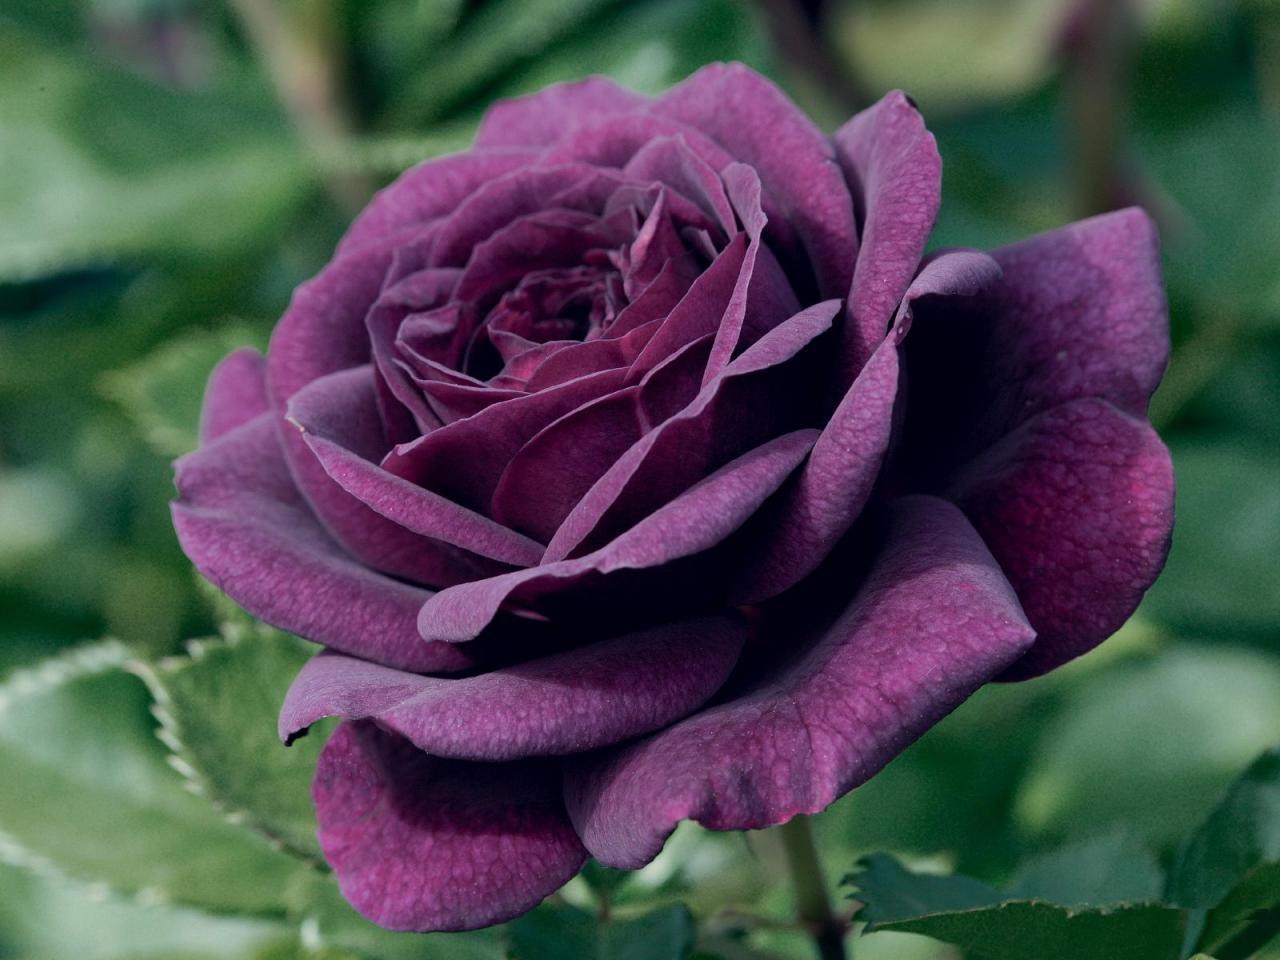 صور الورد للتصميم 1 1